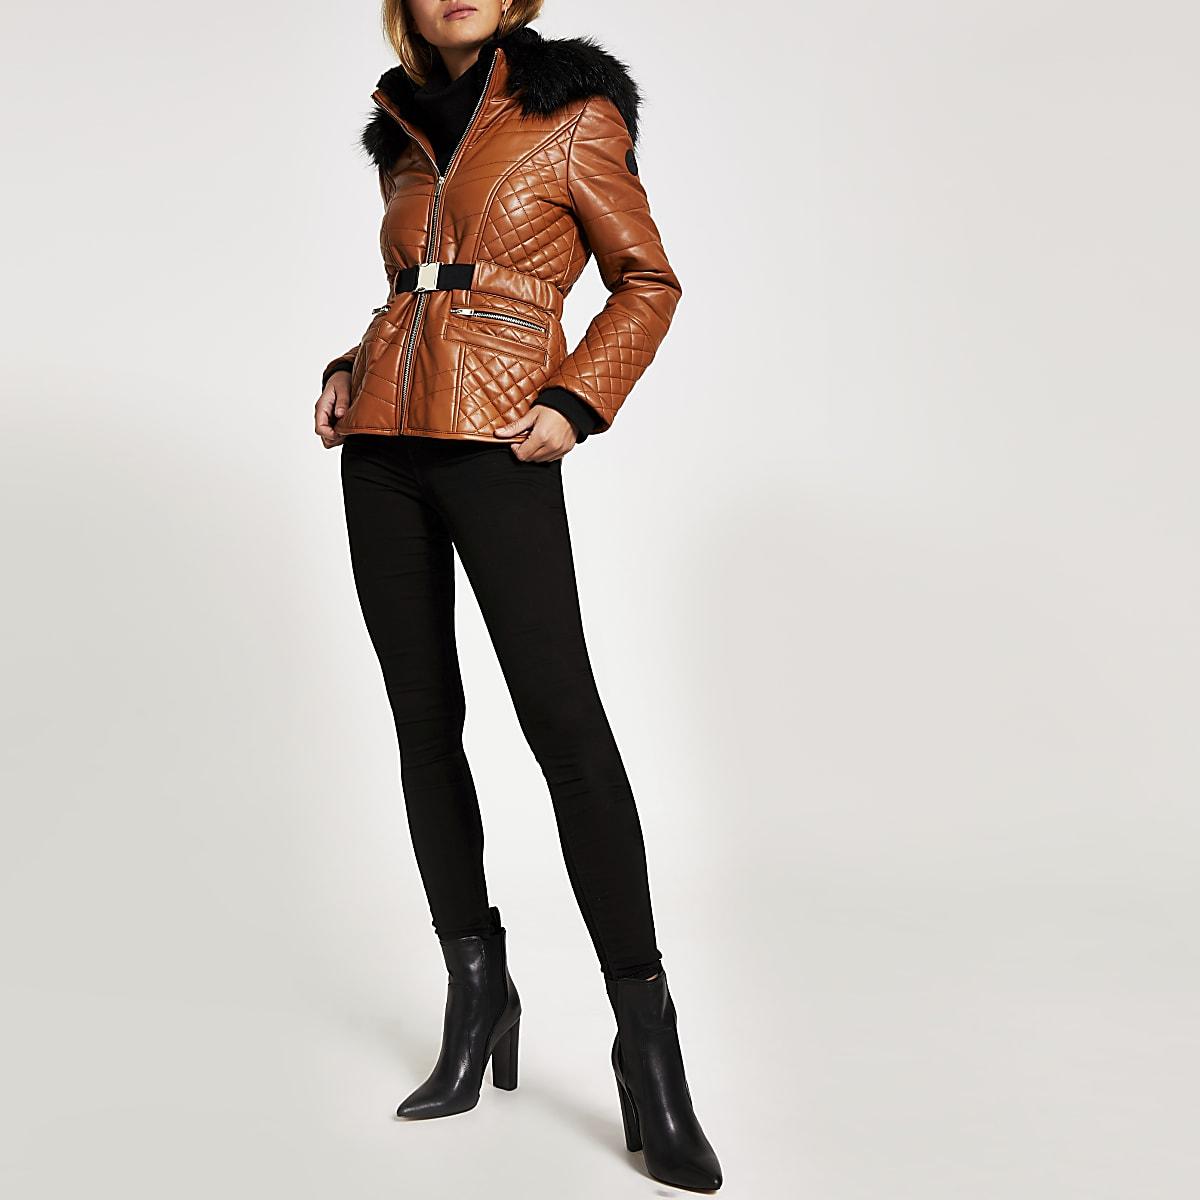 Veste matelassée ajustée en cuir synthétique marron